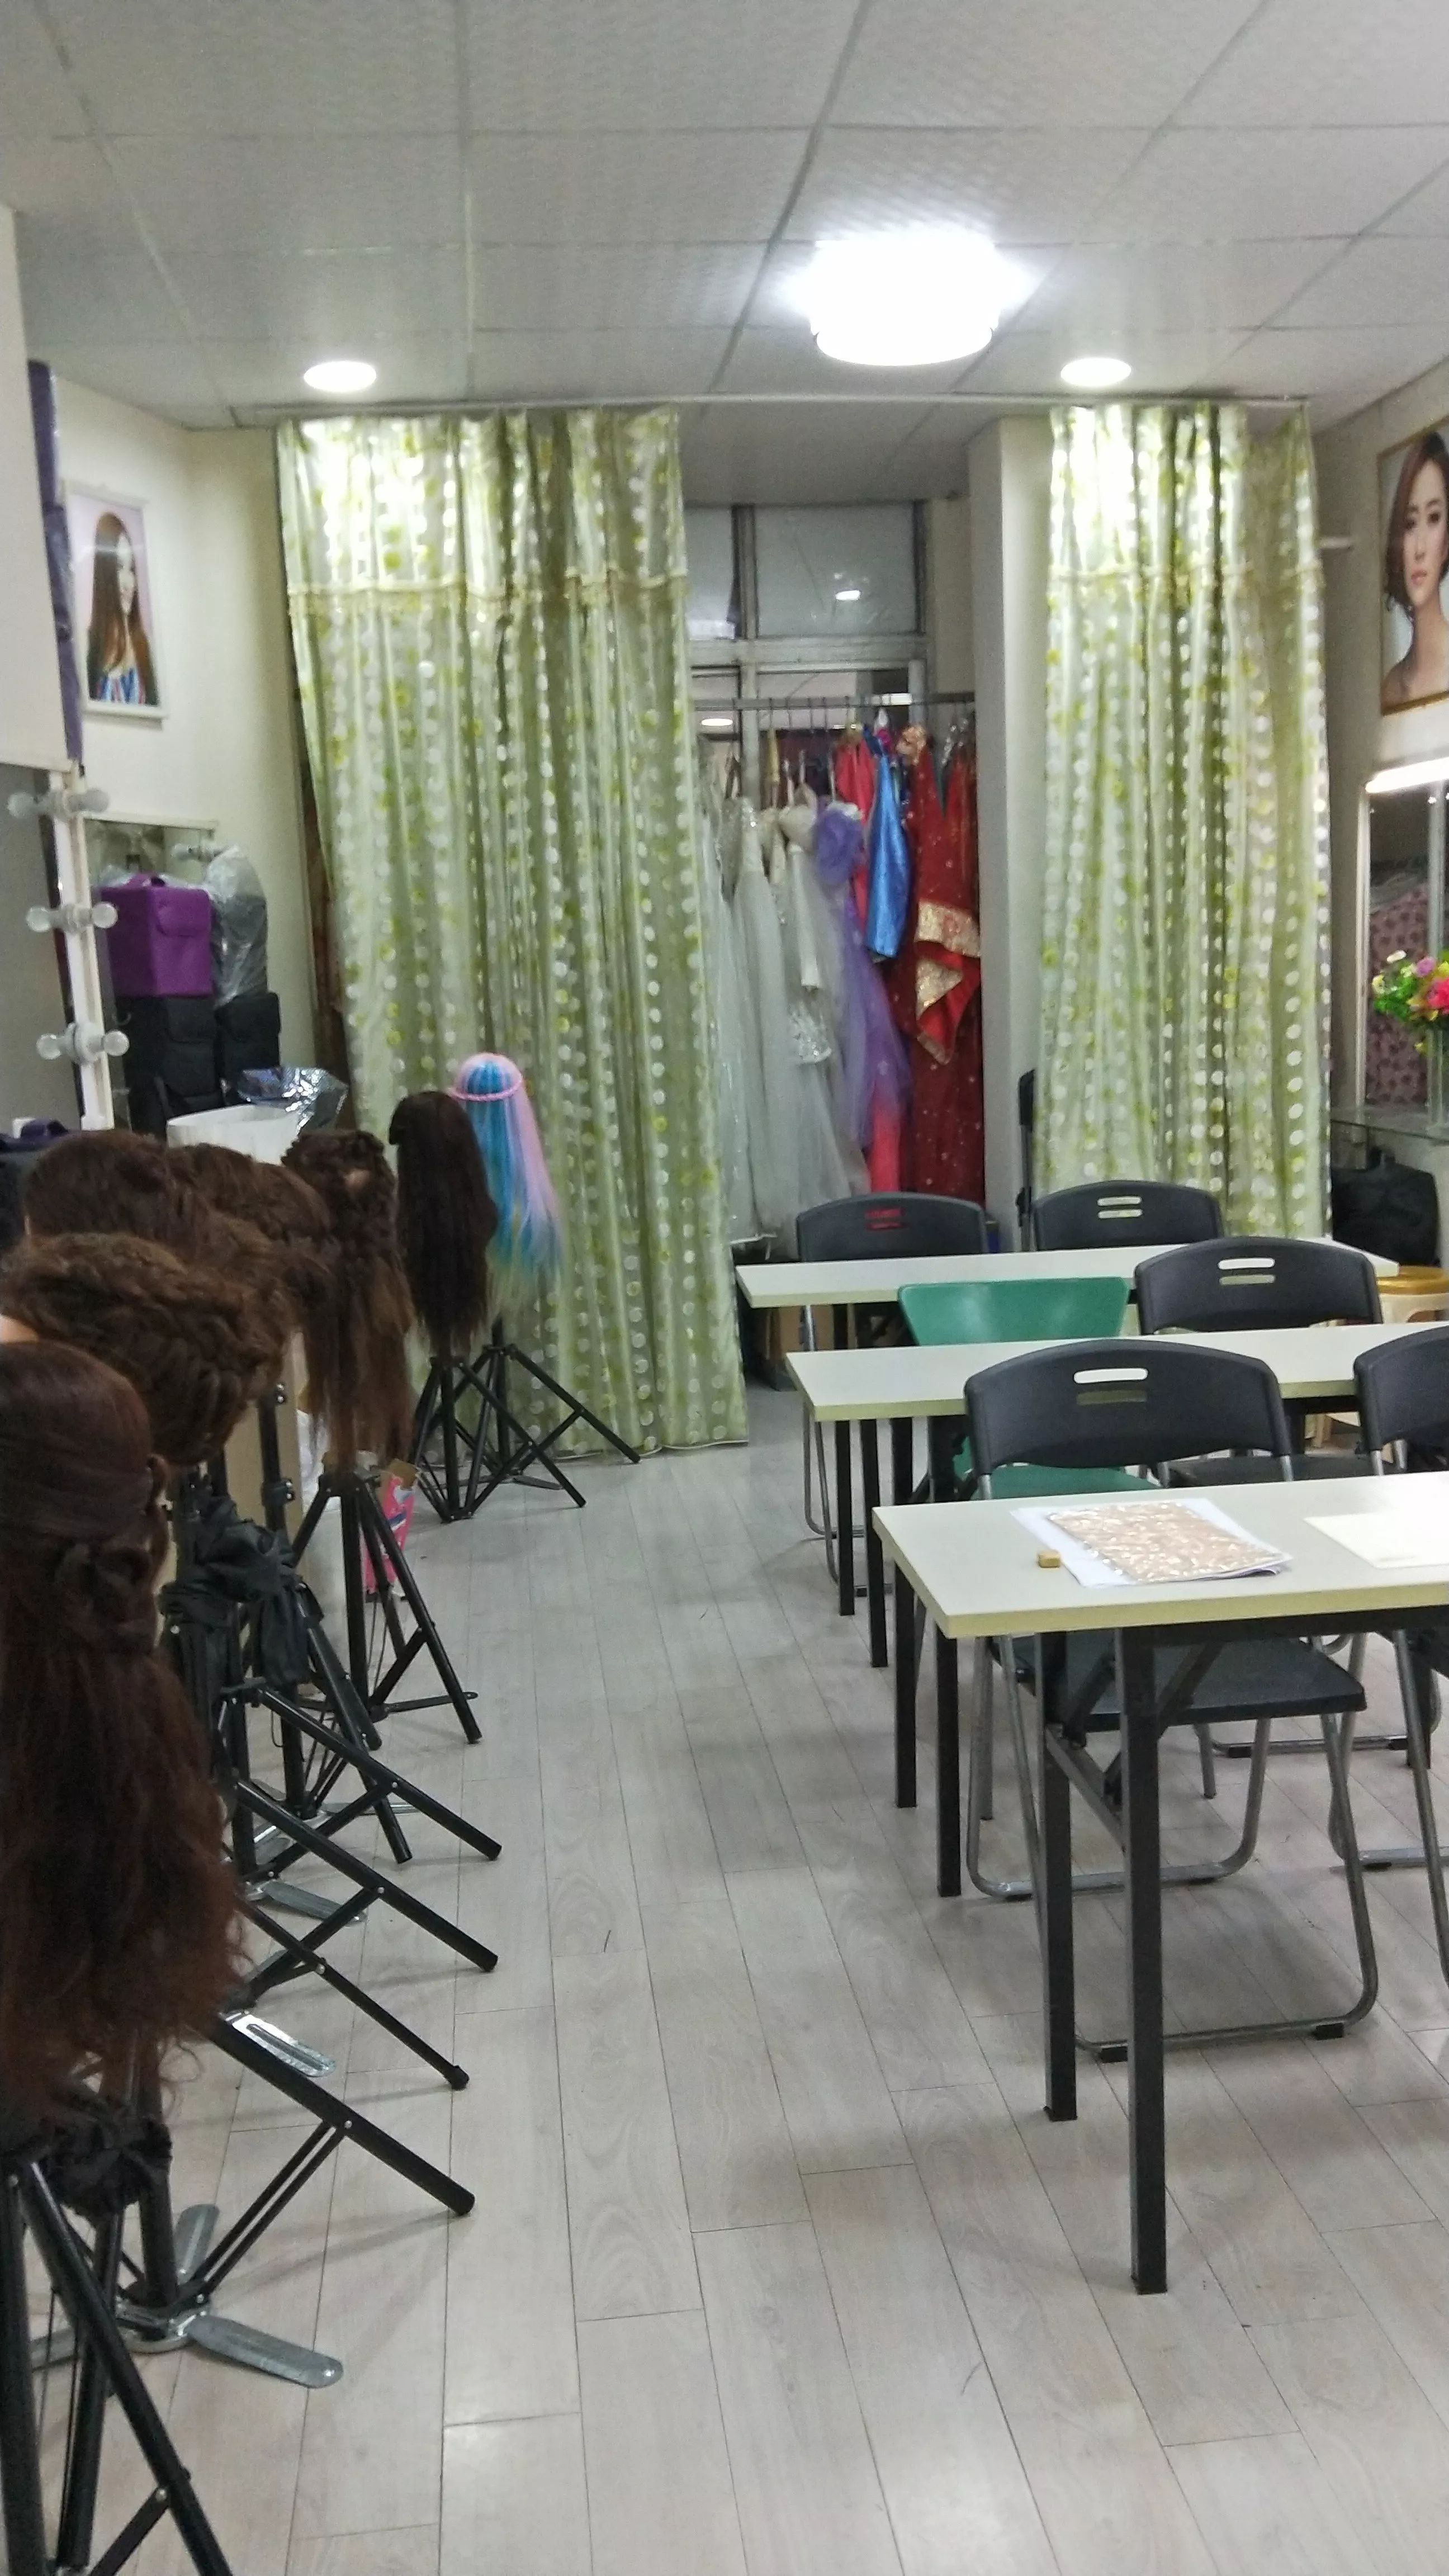 广州黄埔大沙地 化妆,美甲,纹绣美容培训工作室转让